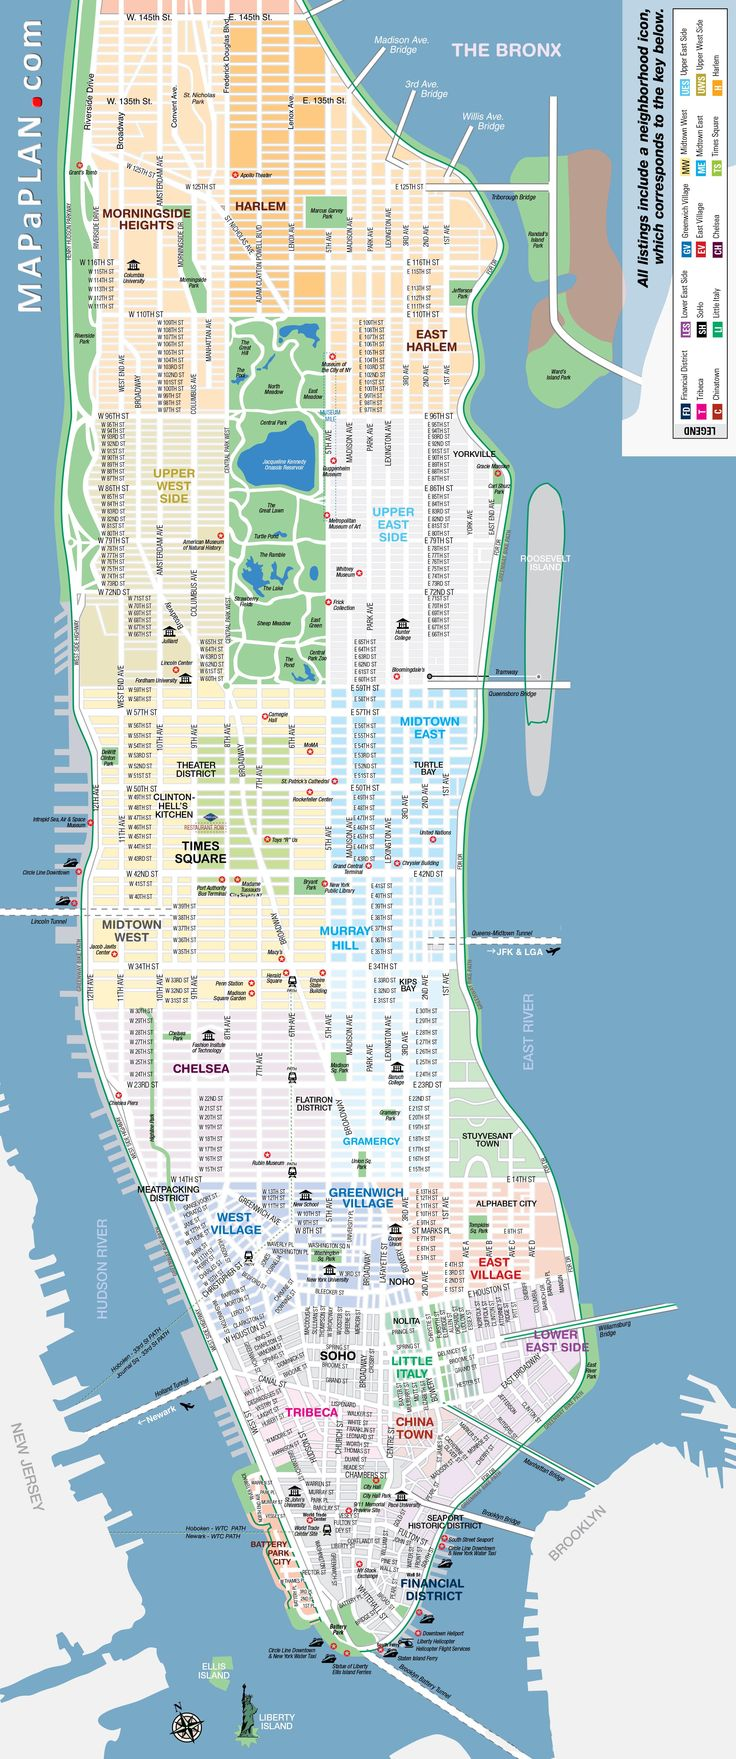 mapaplan.com